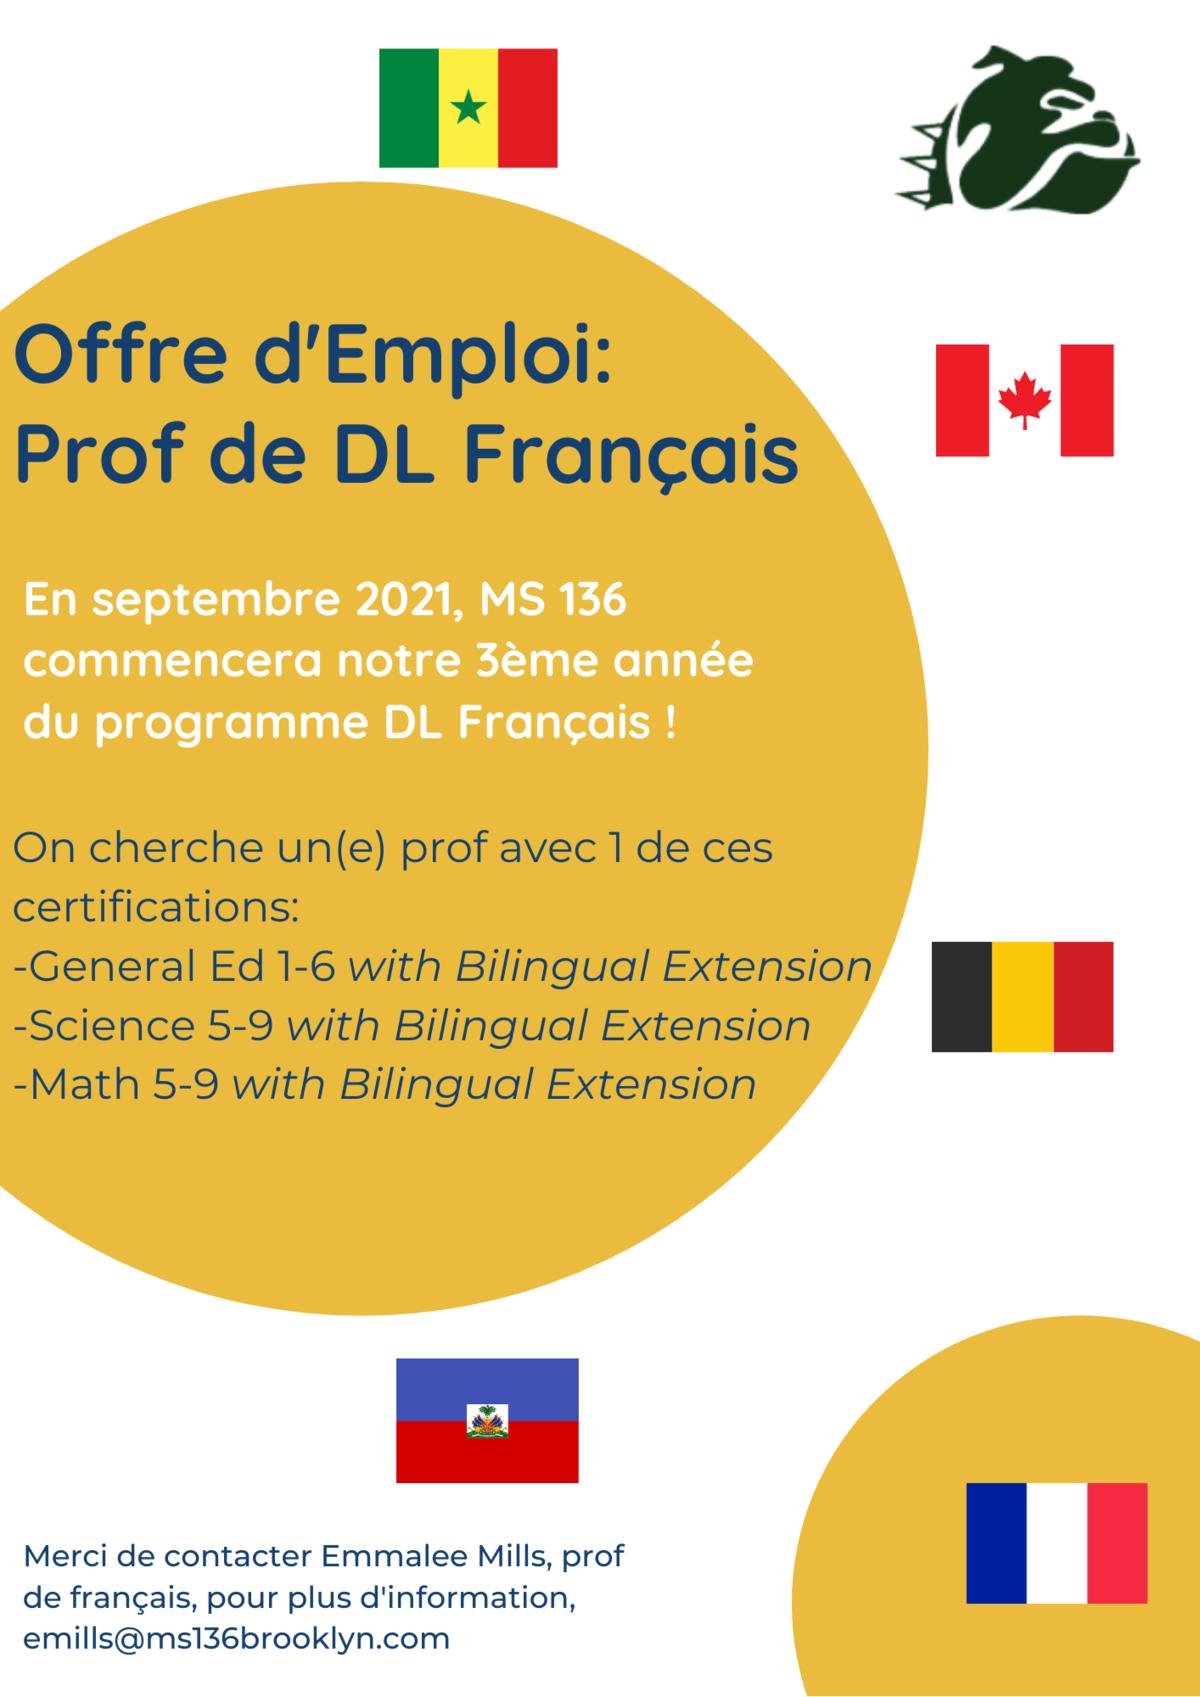 Offre d'Emploi - Prof de Français